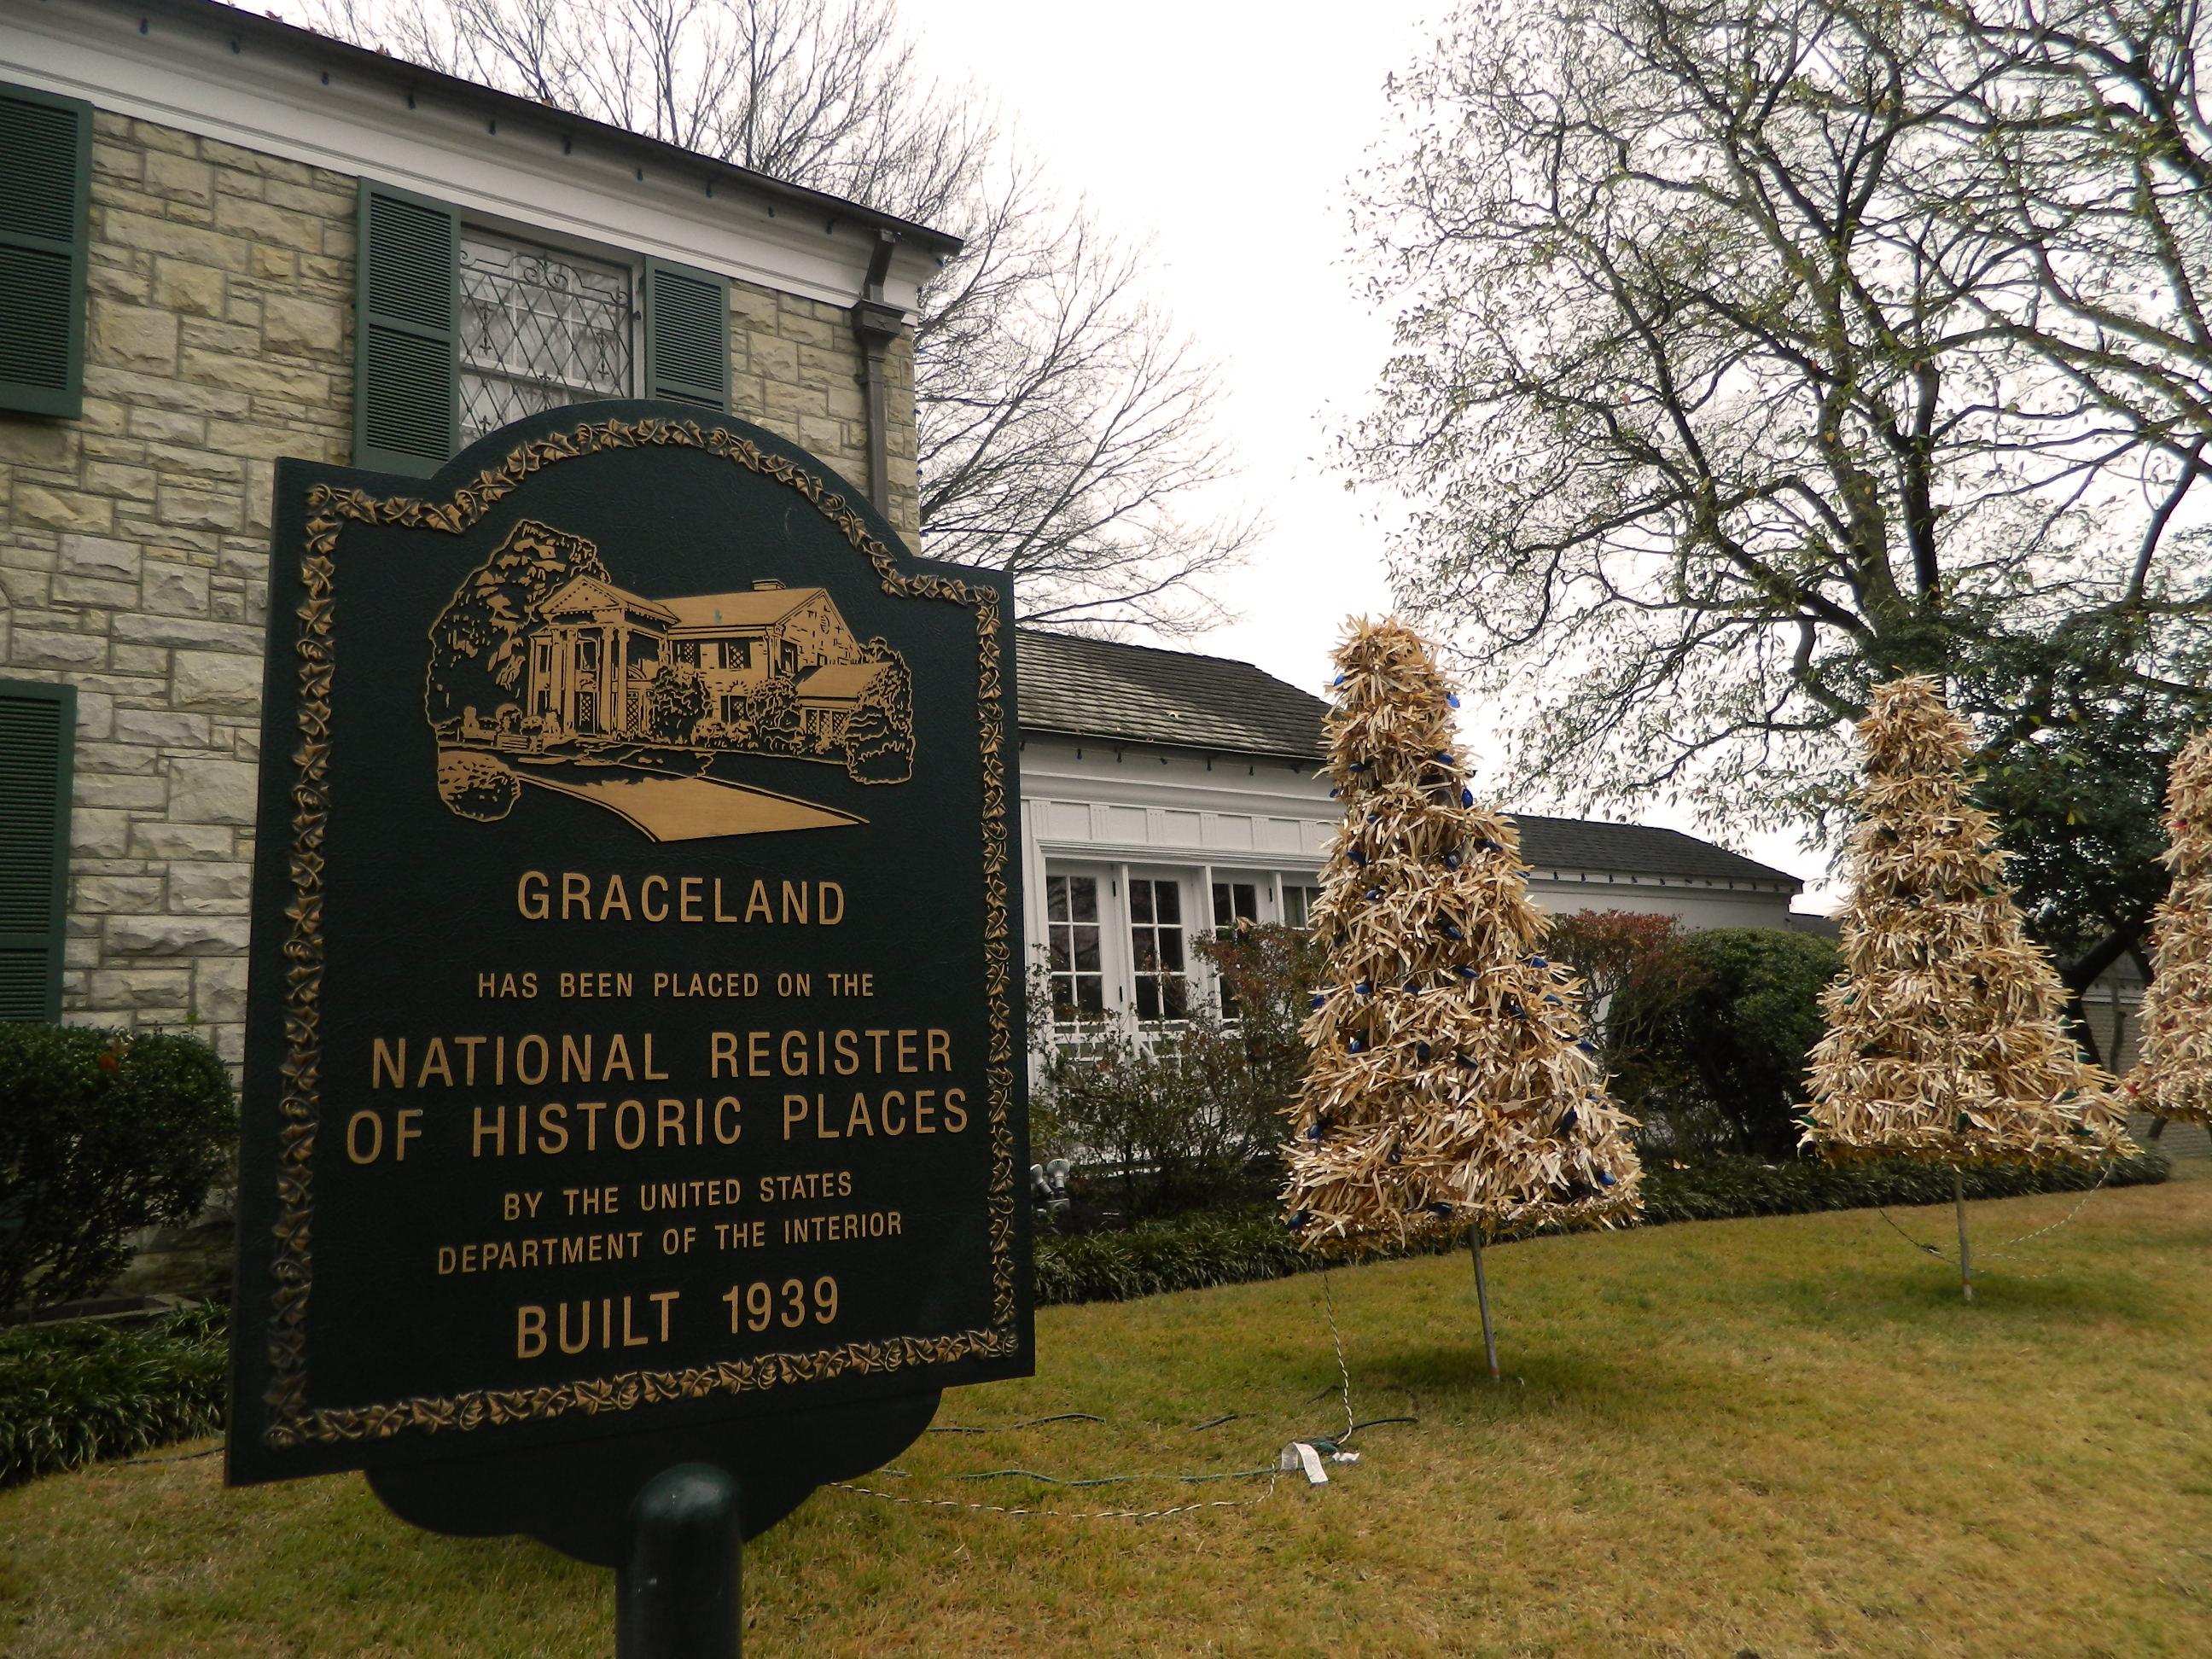 Graceland Presley front 2